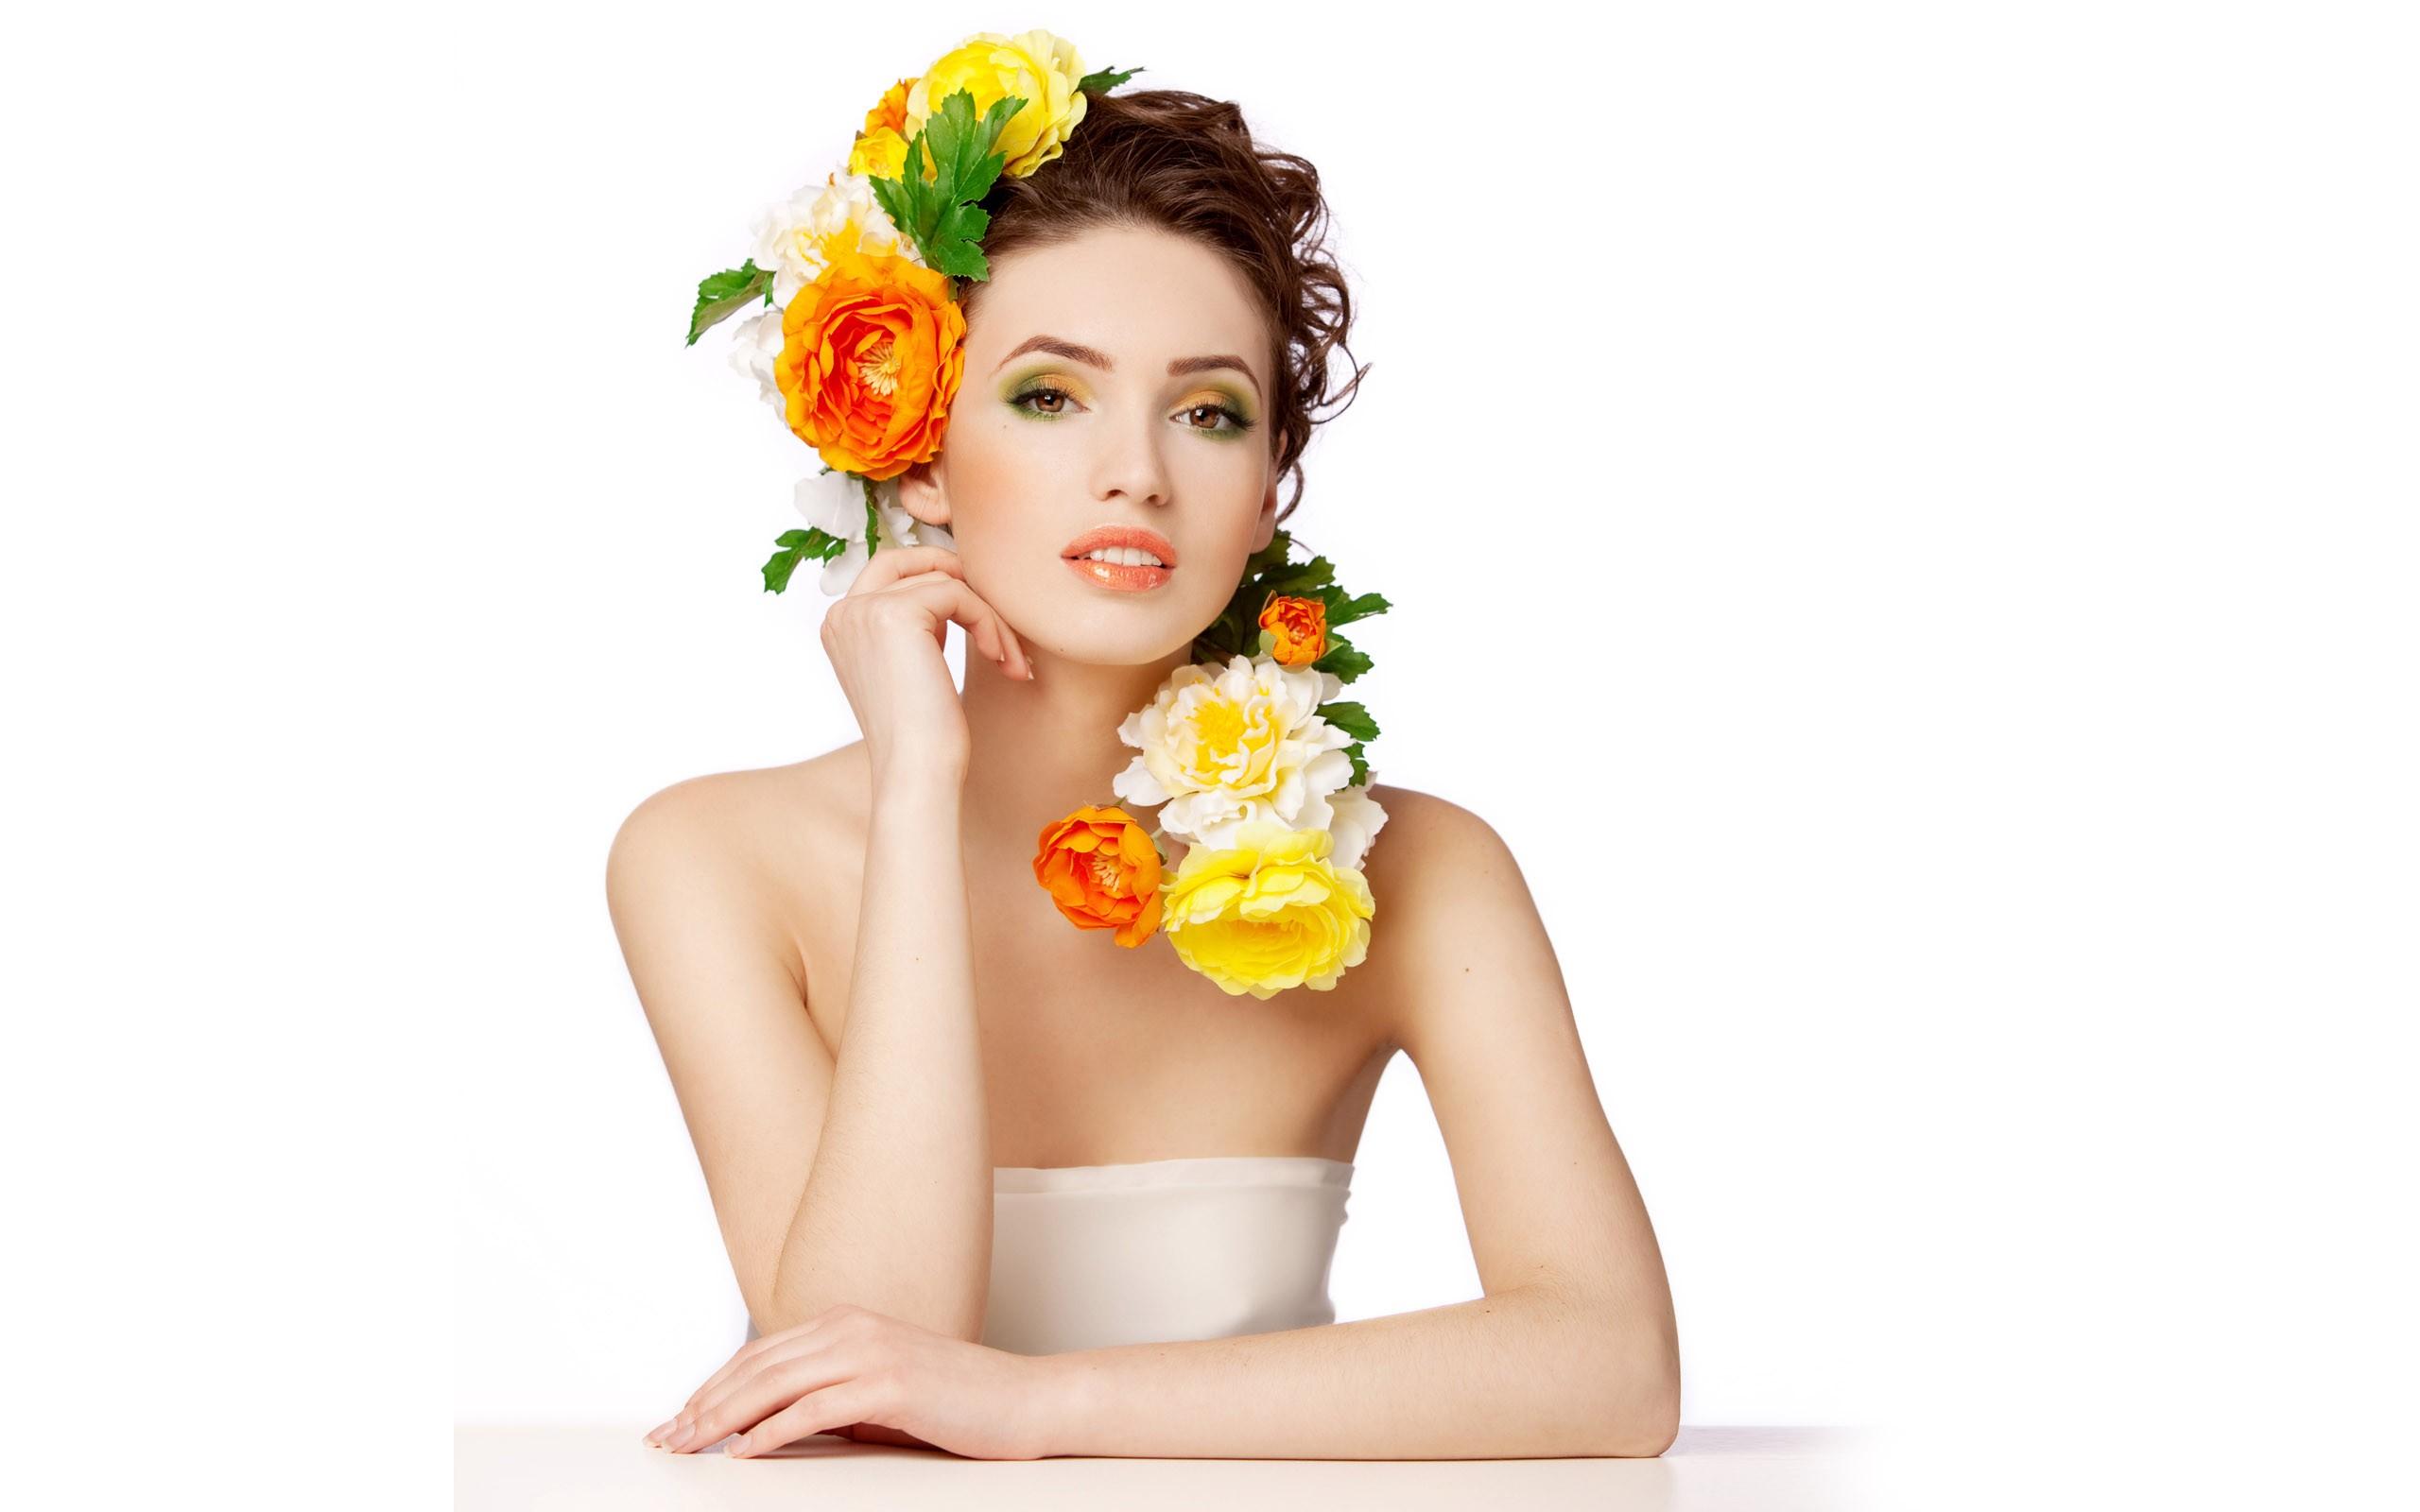 Maquillajes para novias - 2560x1600